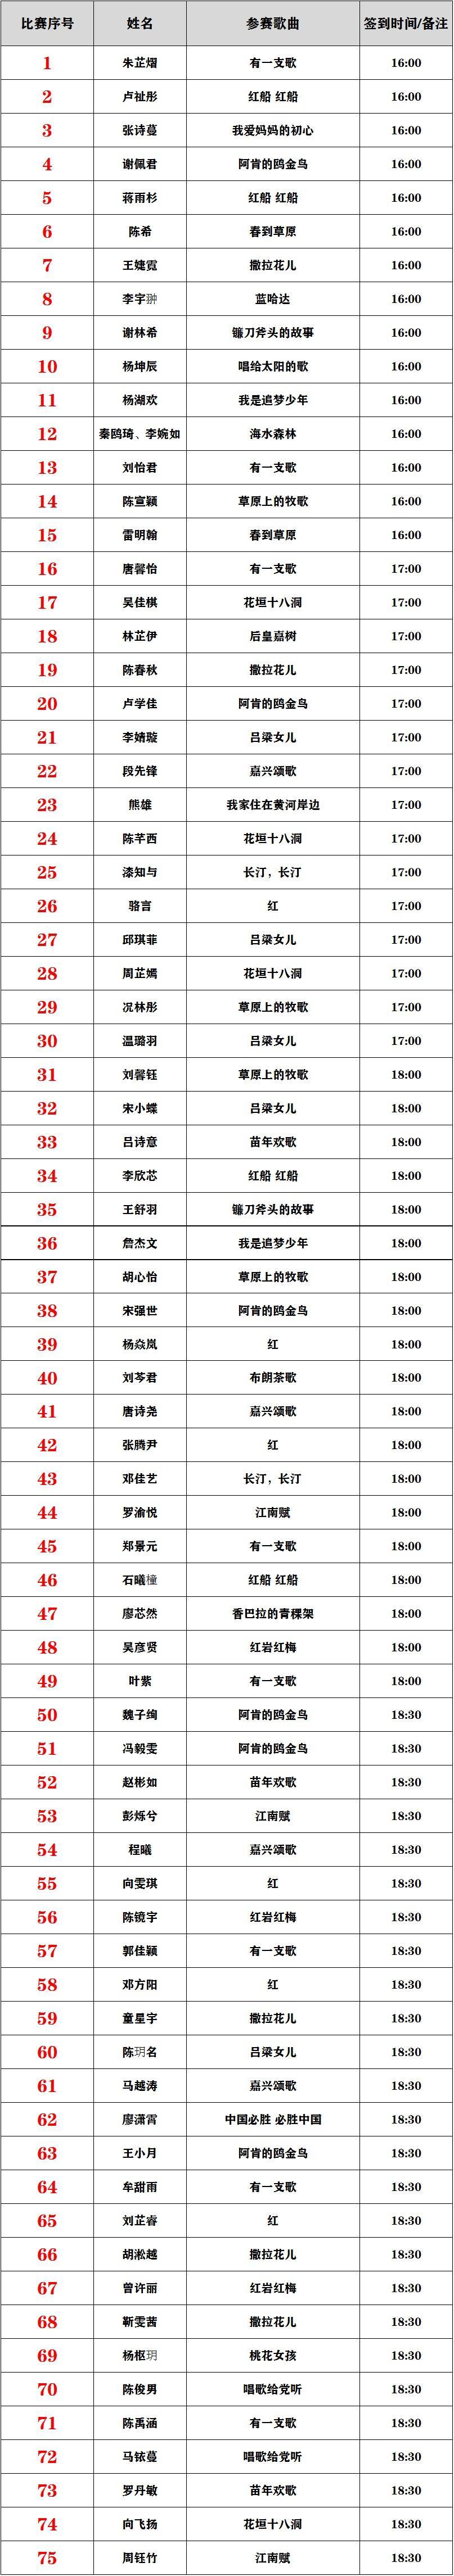 2021第17届快乐阳光全国少歌赛【重庆赛区】复赛比赛通知 第27张